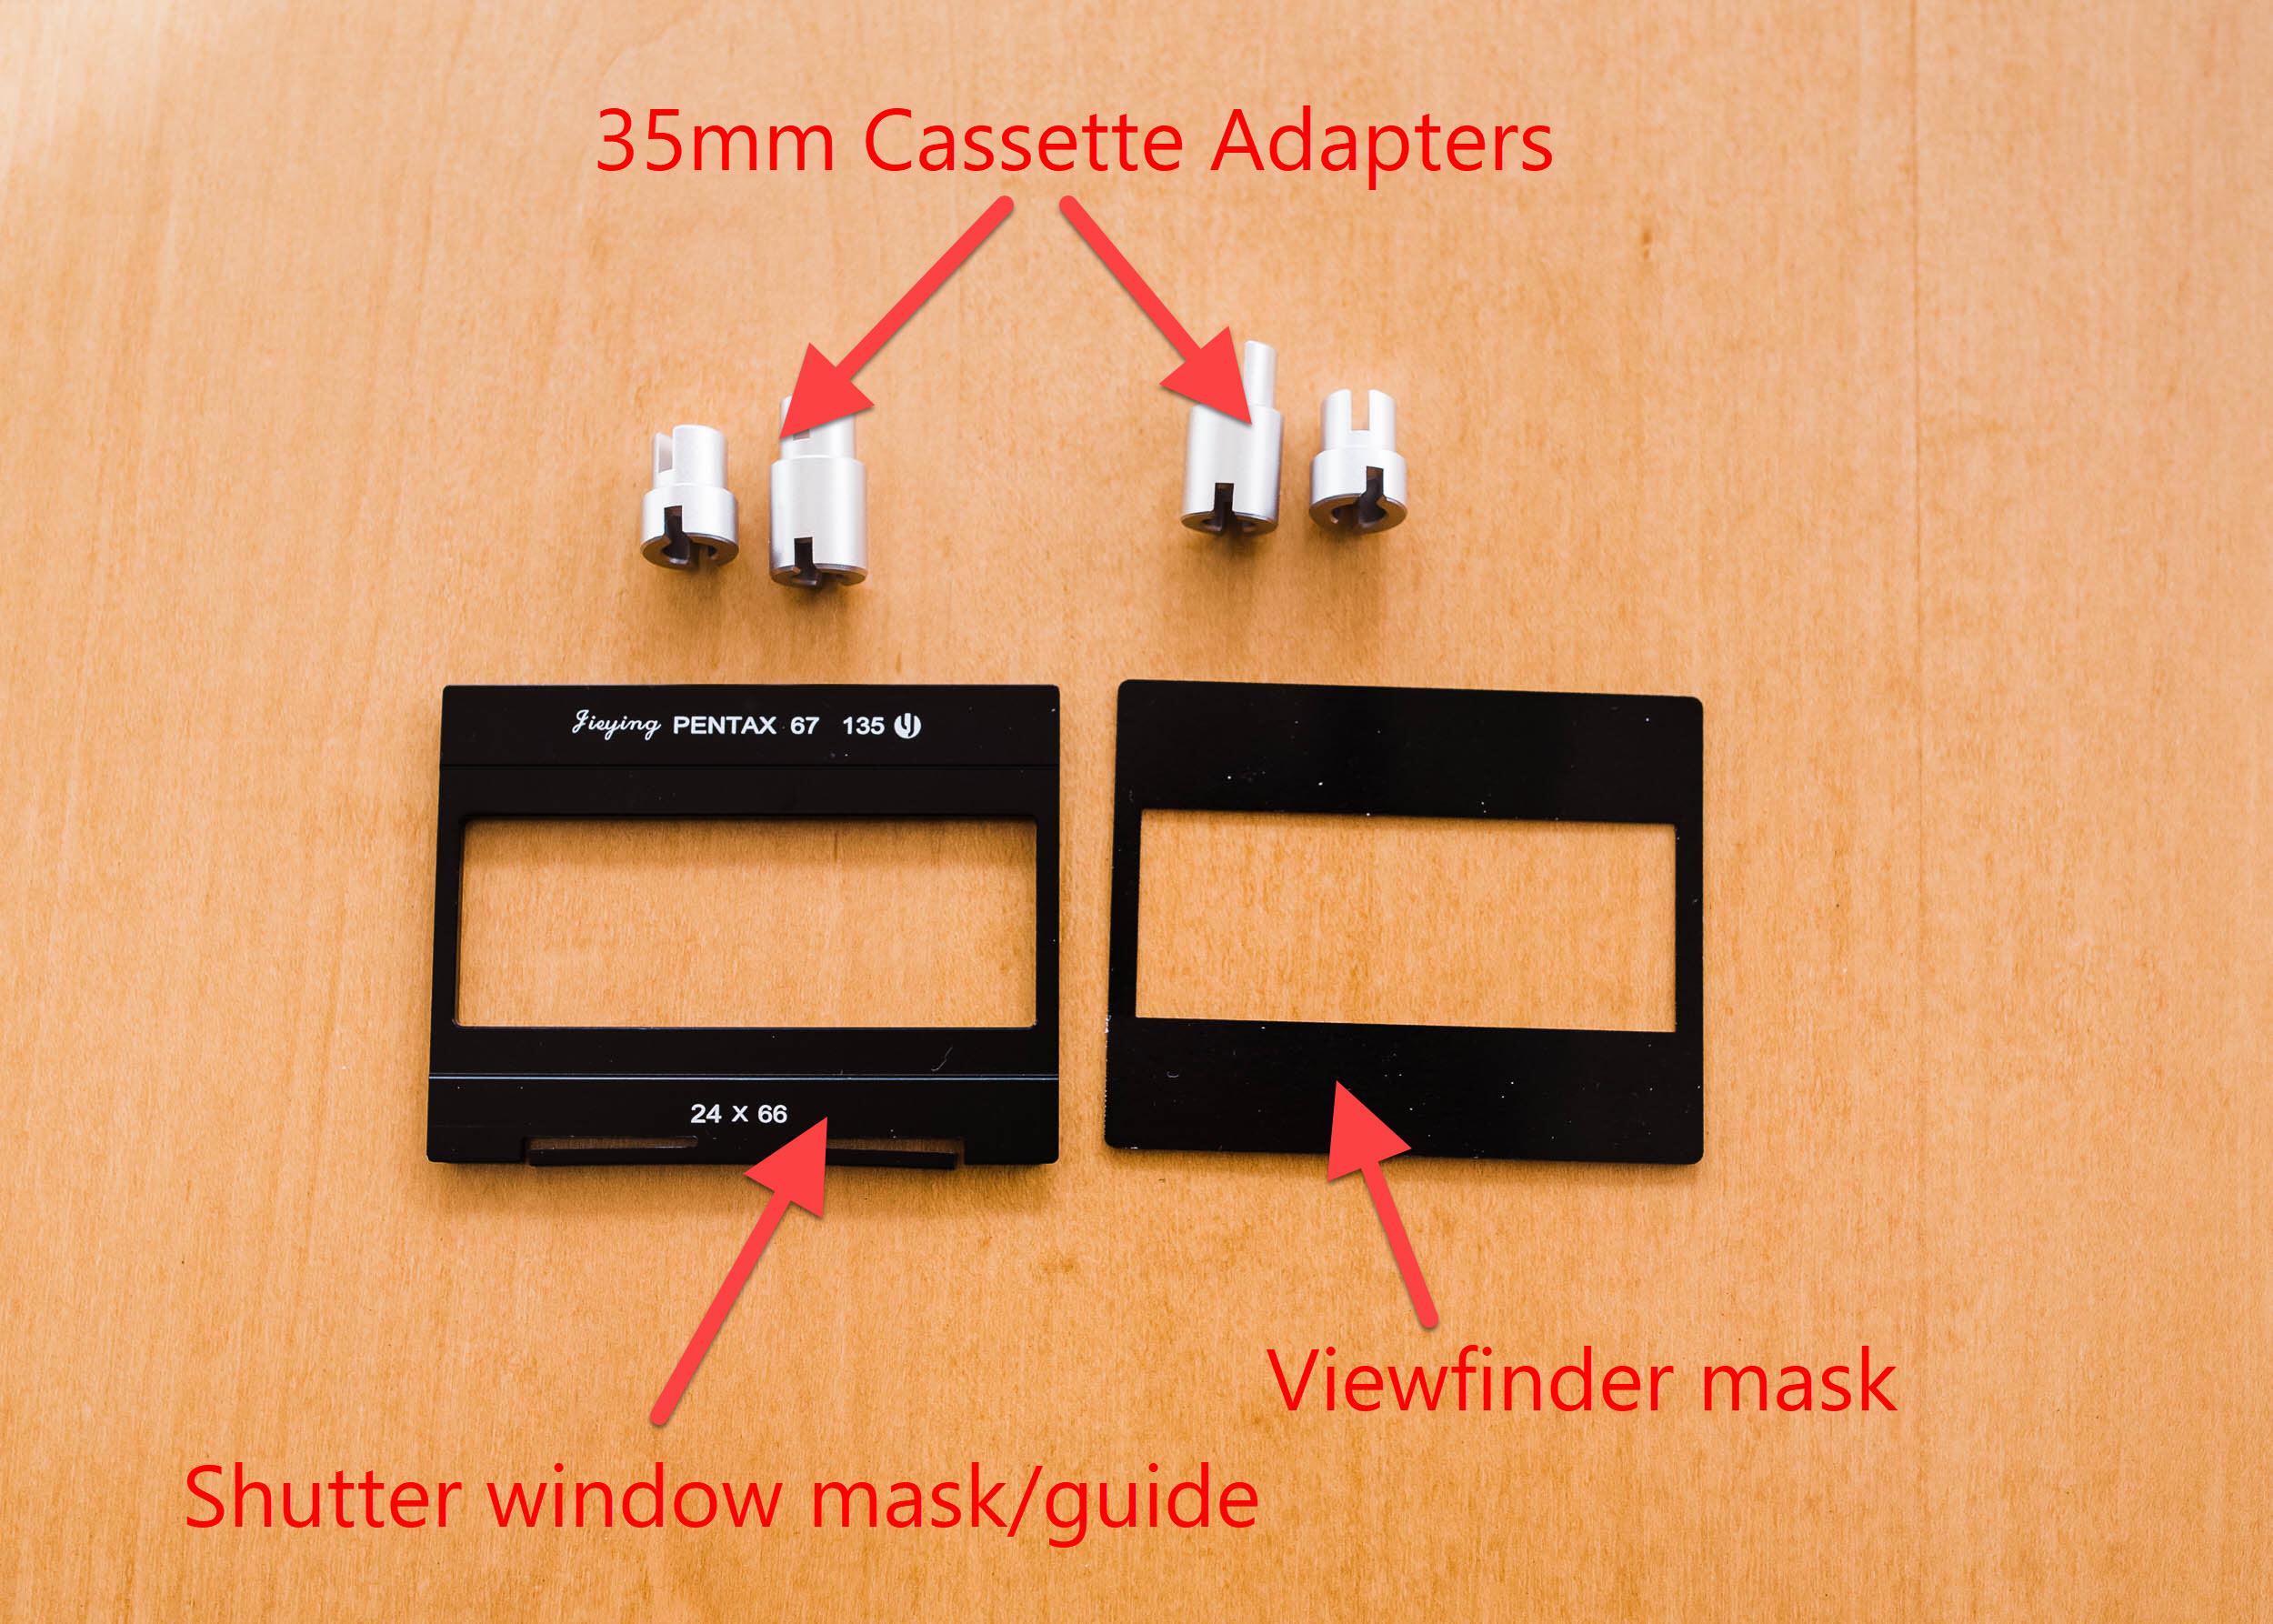 Pentax 67 panorama kit for 35mm film